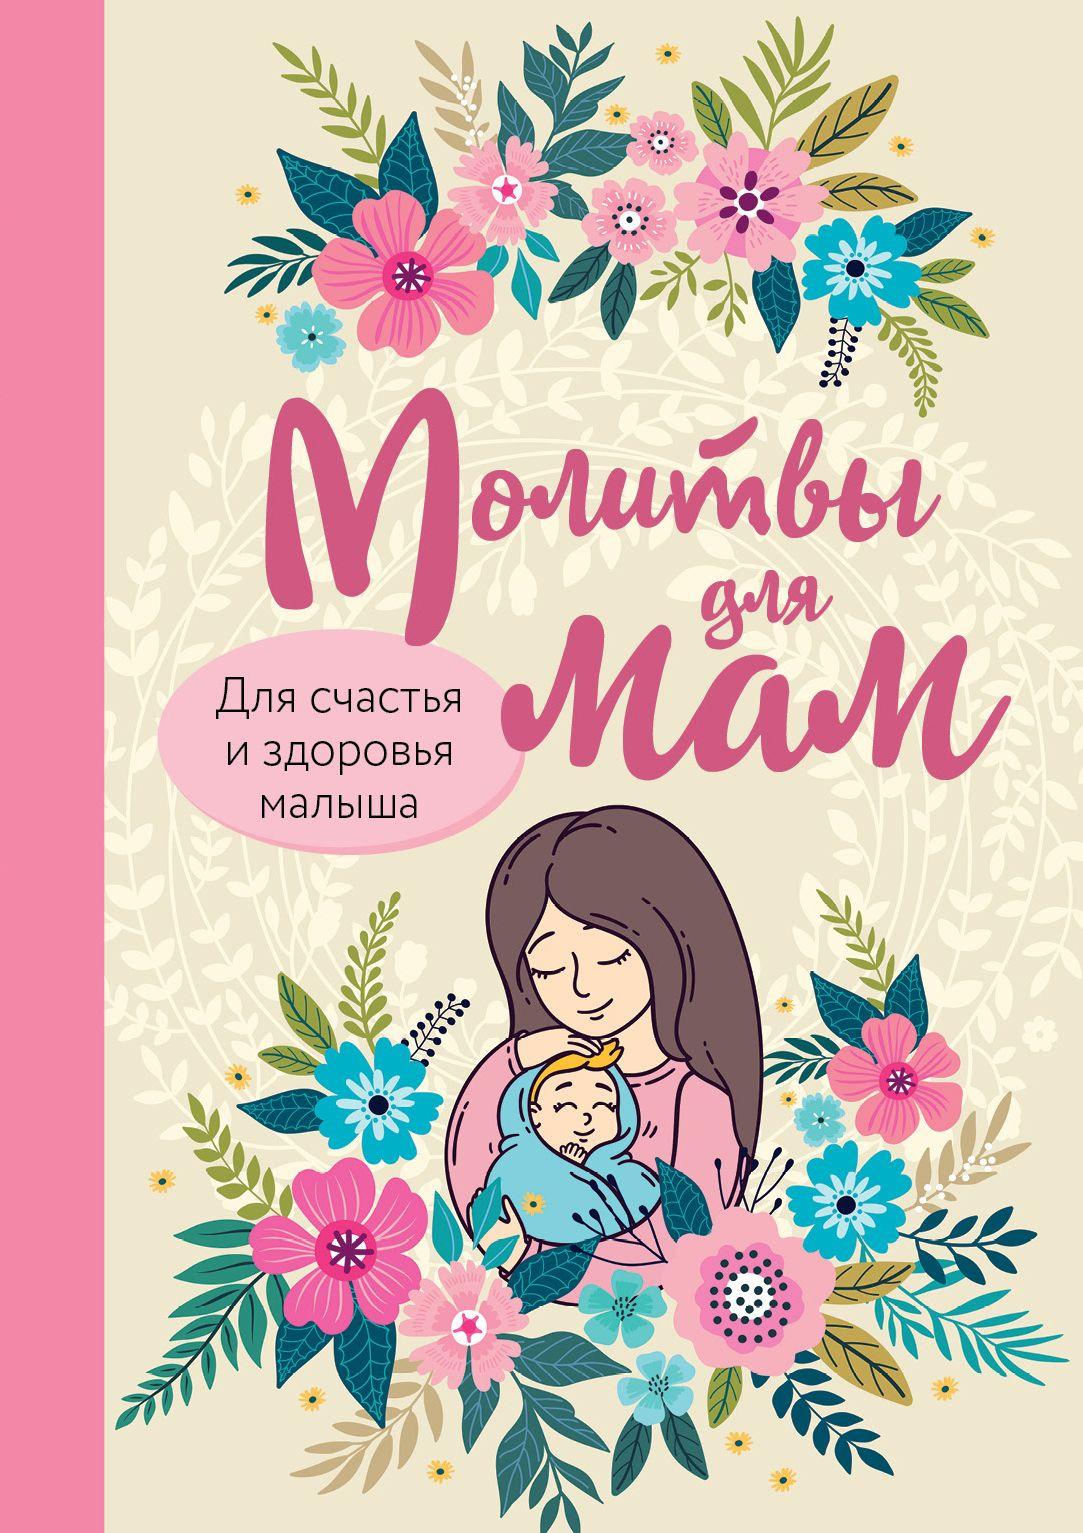 Купить книгу Молитвы для мам. Для счастья и здоровья малыша, автора Ирины Булгаковой